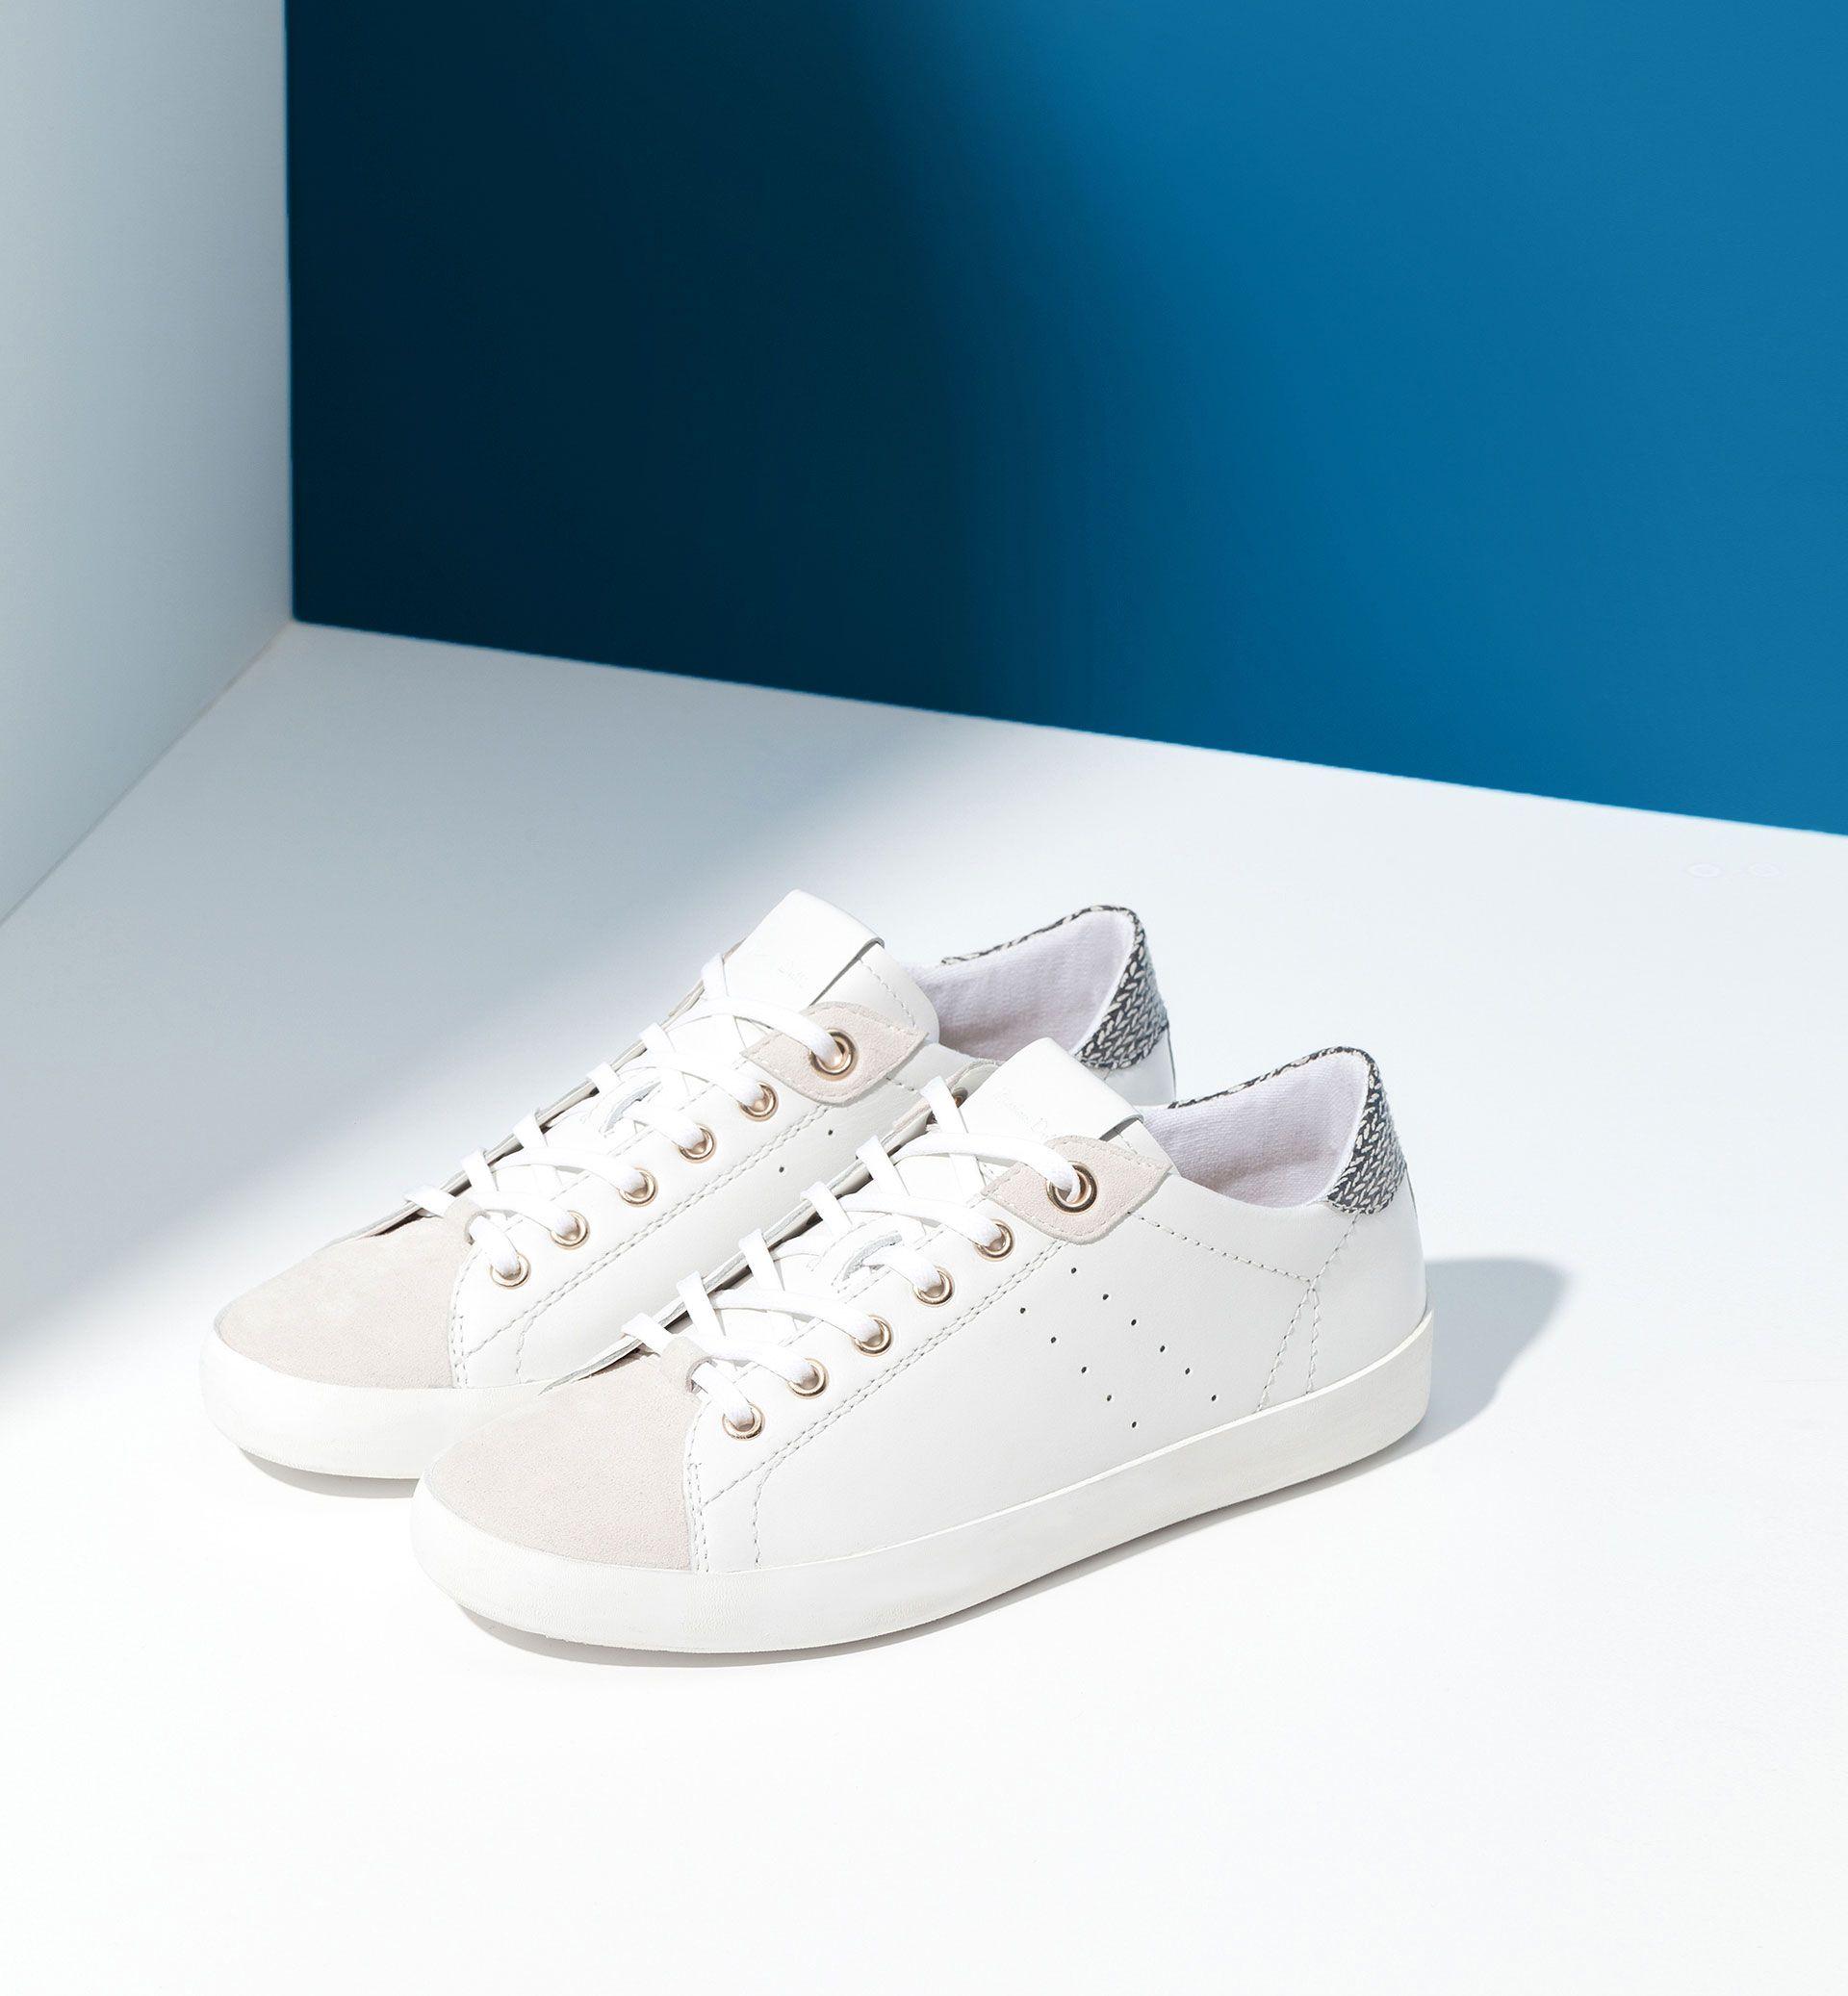 02d0970003787 CONTRAST PLIMSOLLS - Shoes - WOMEN - Ukraine - Massimo Dutti ...